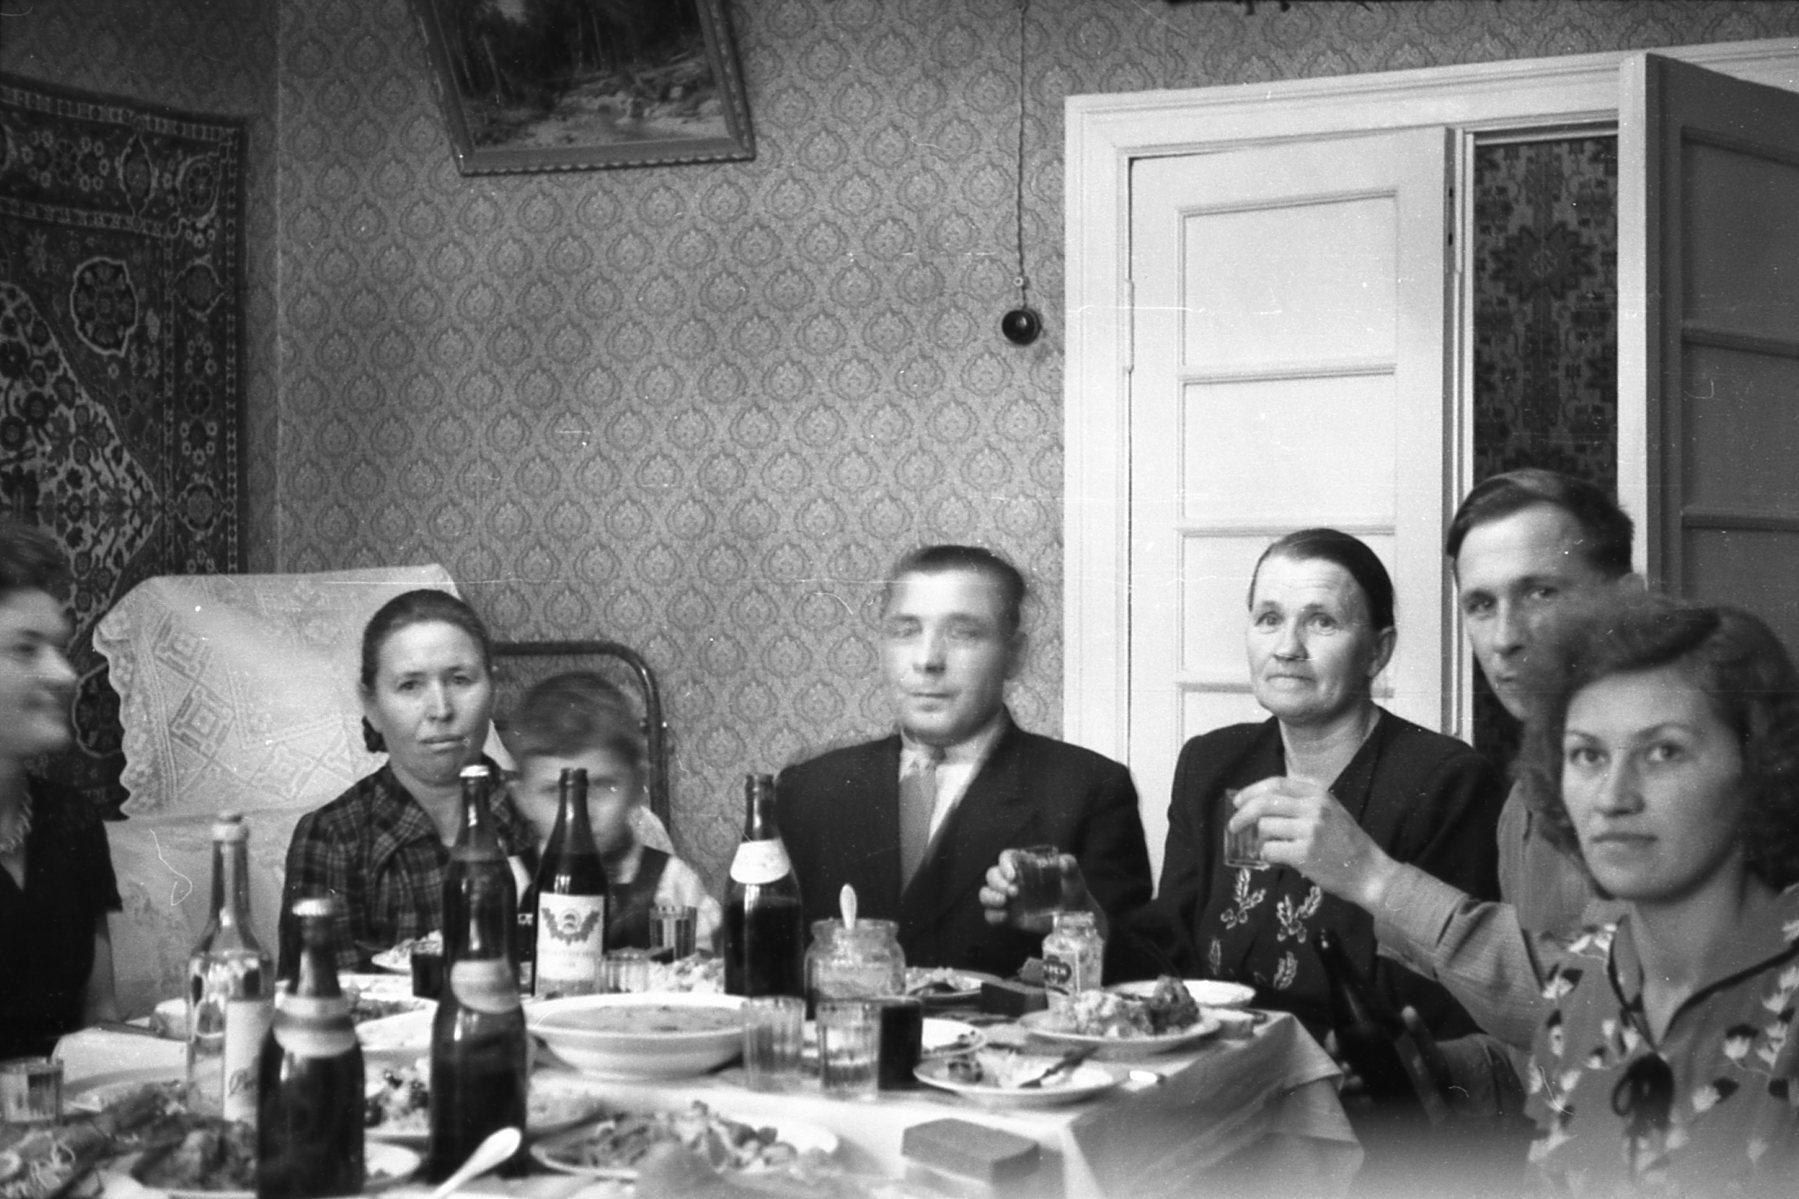 Застолье явно в квартире по Н. Ковшовой д. 15. Архив Ю.М.Кулагиной